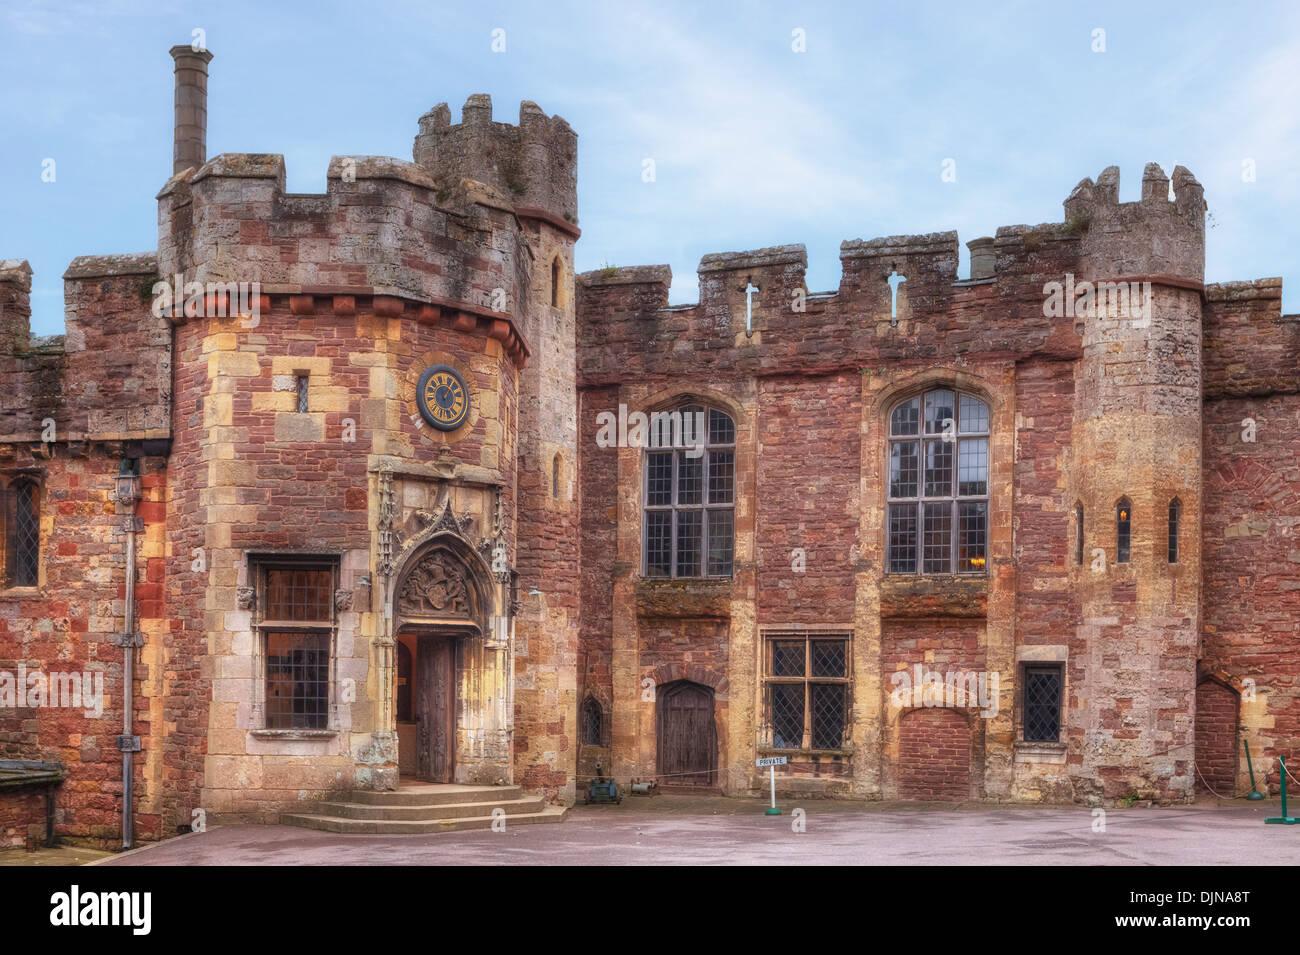 Berkeley Castle, Gloucestershire, England, United Kingdom - Stock Image